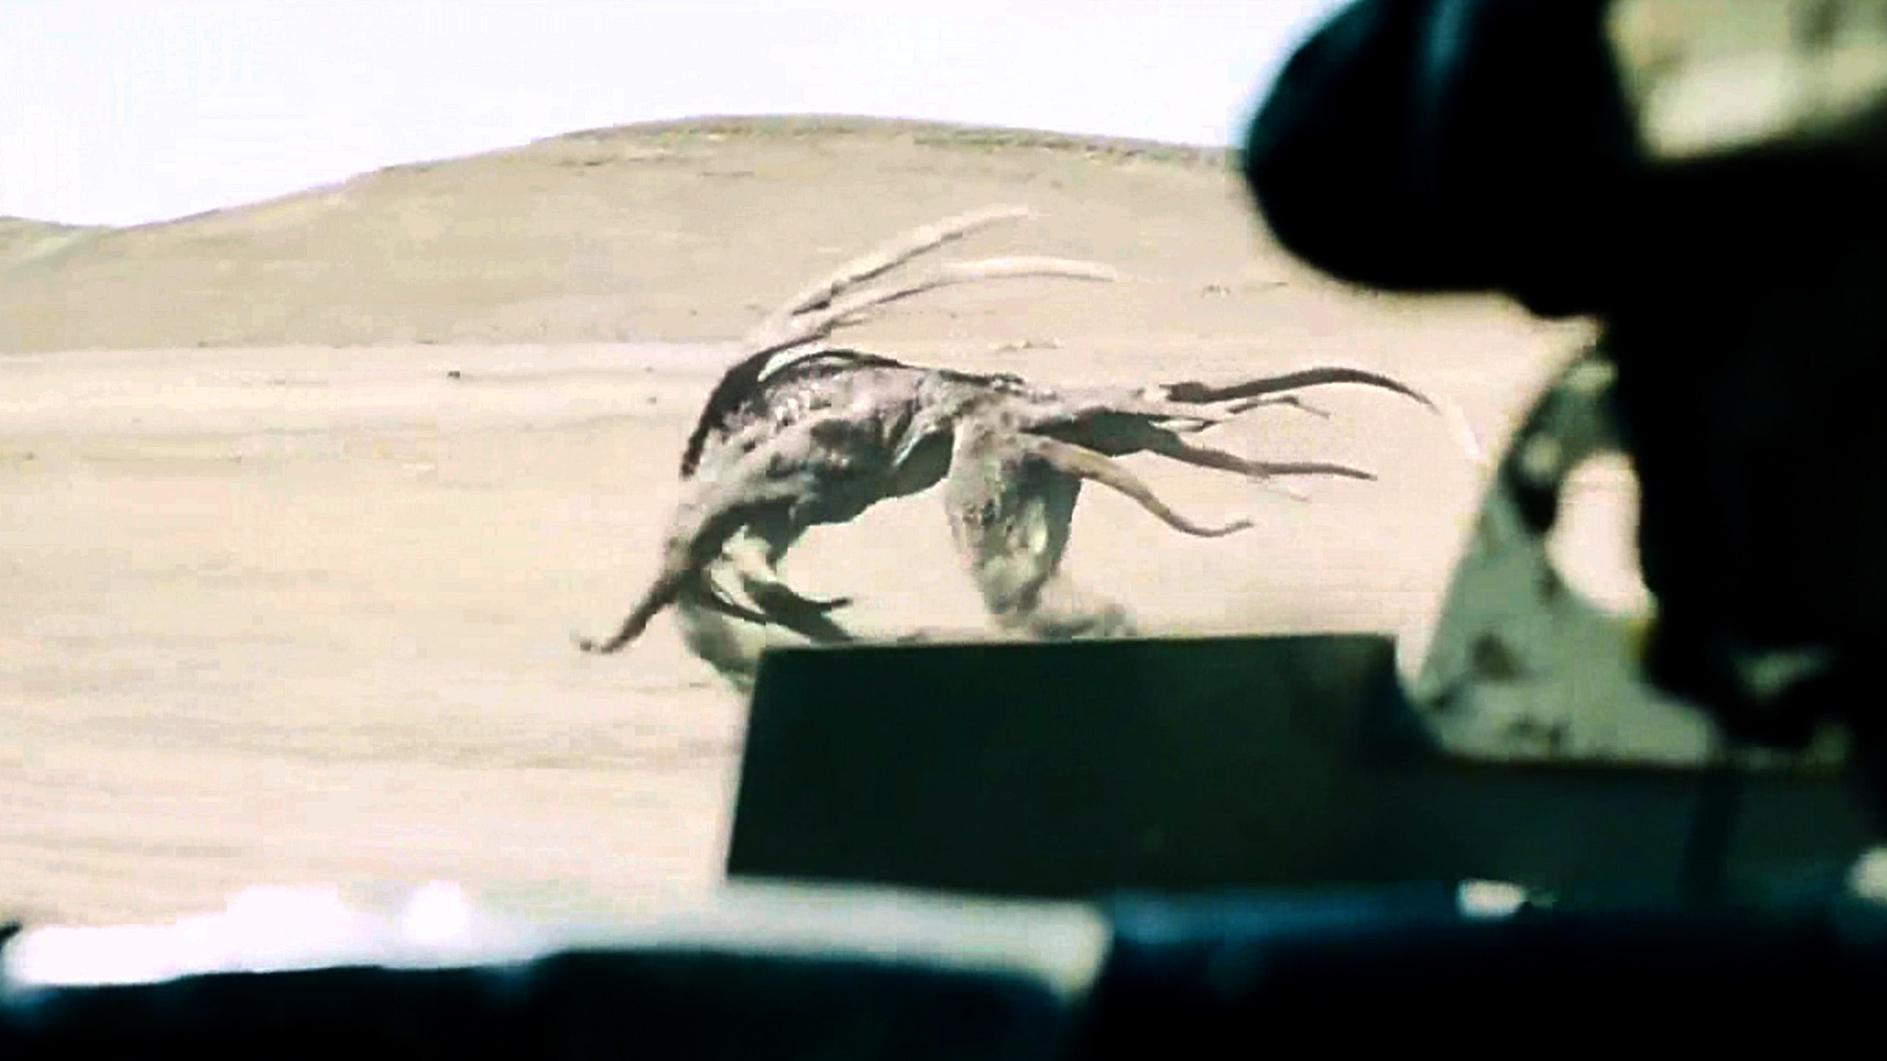 科幻片:外星孢子降落地球,产出可怕生物,即使开着坦克都慌!